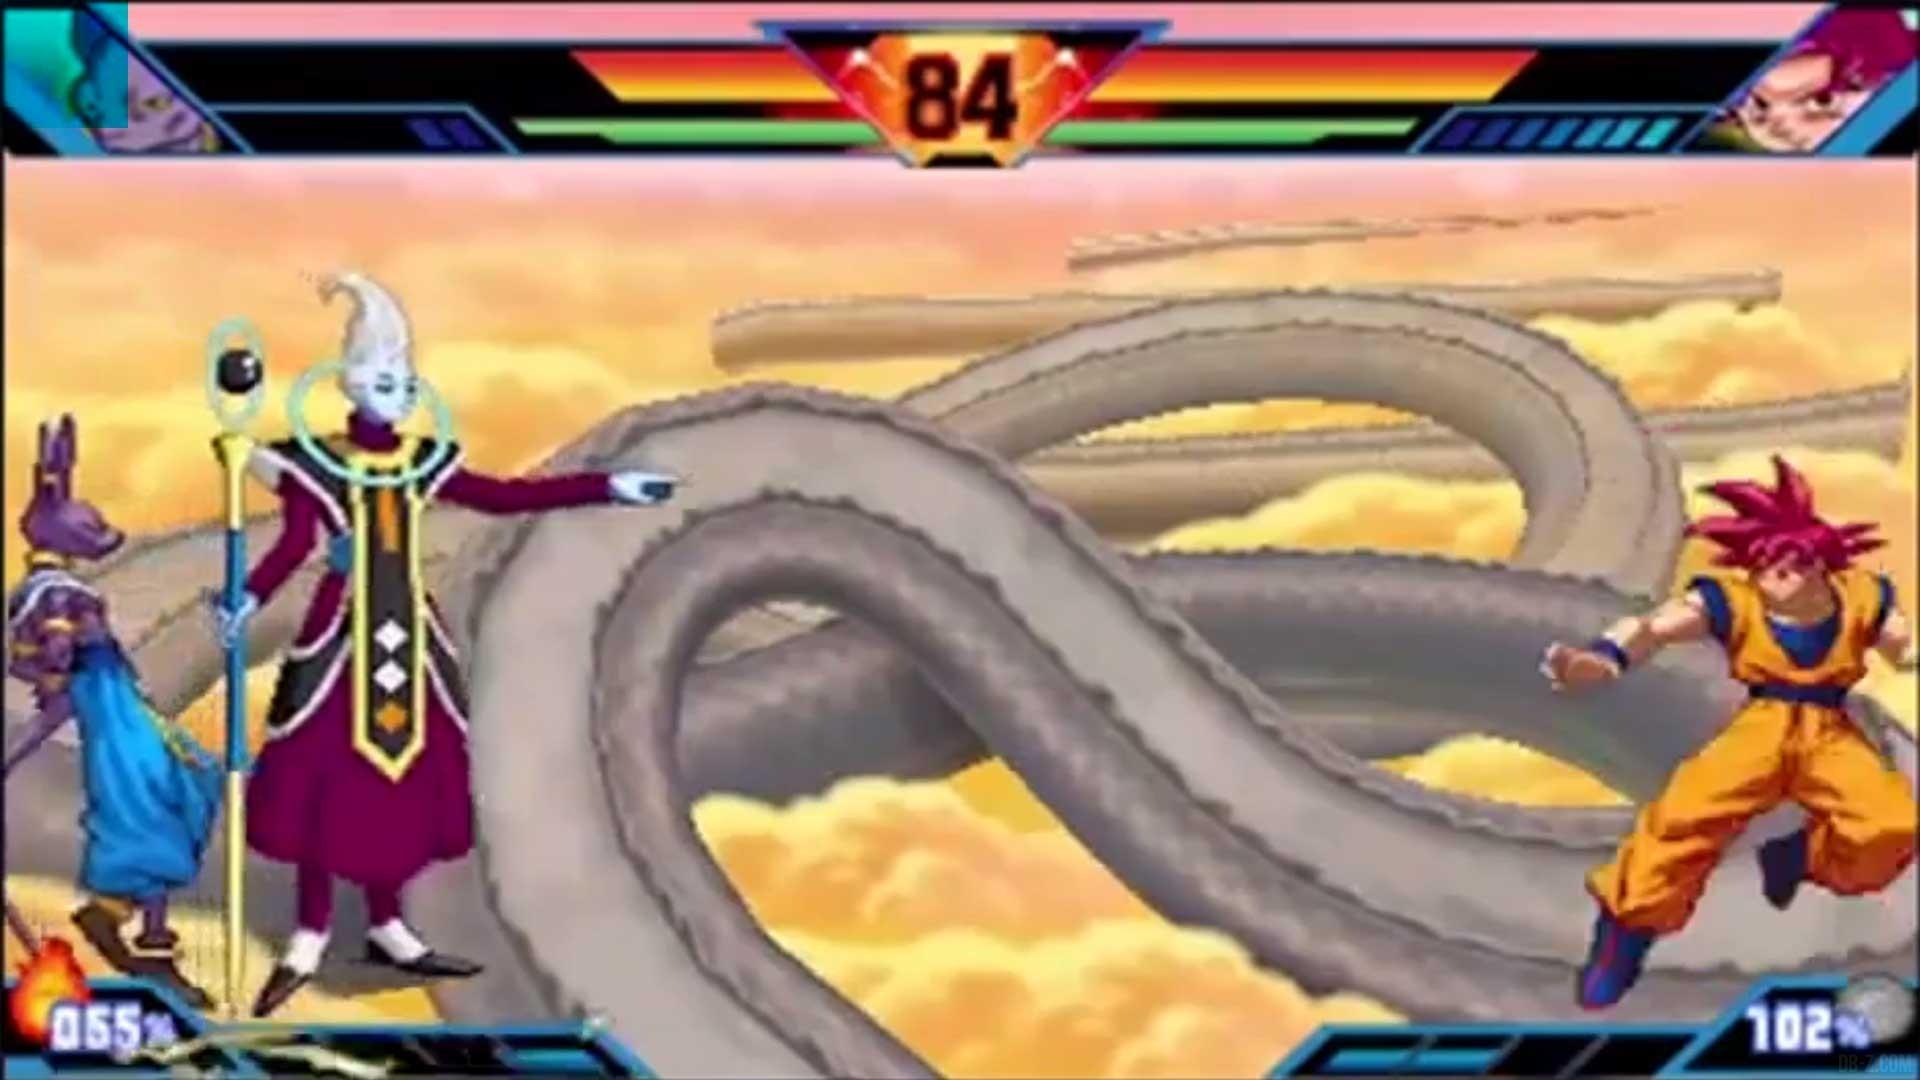 Dragon Ball Z Extreme Butoden trailer